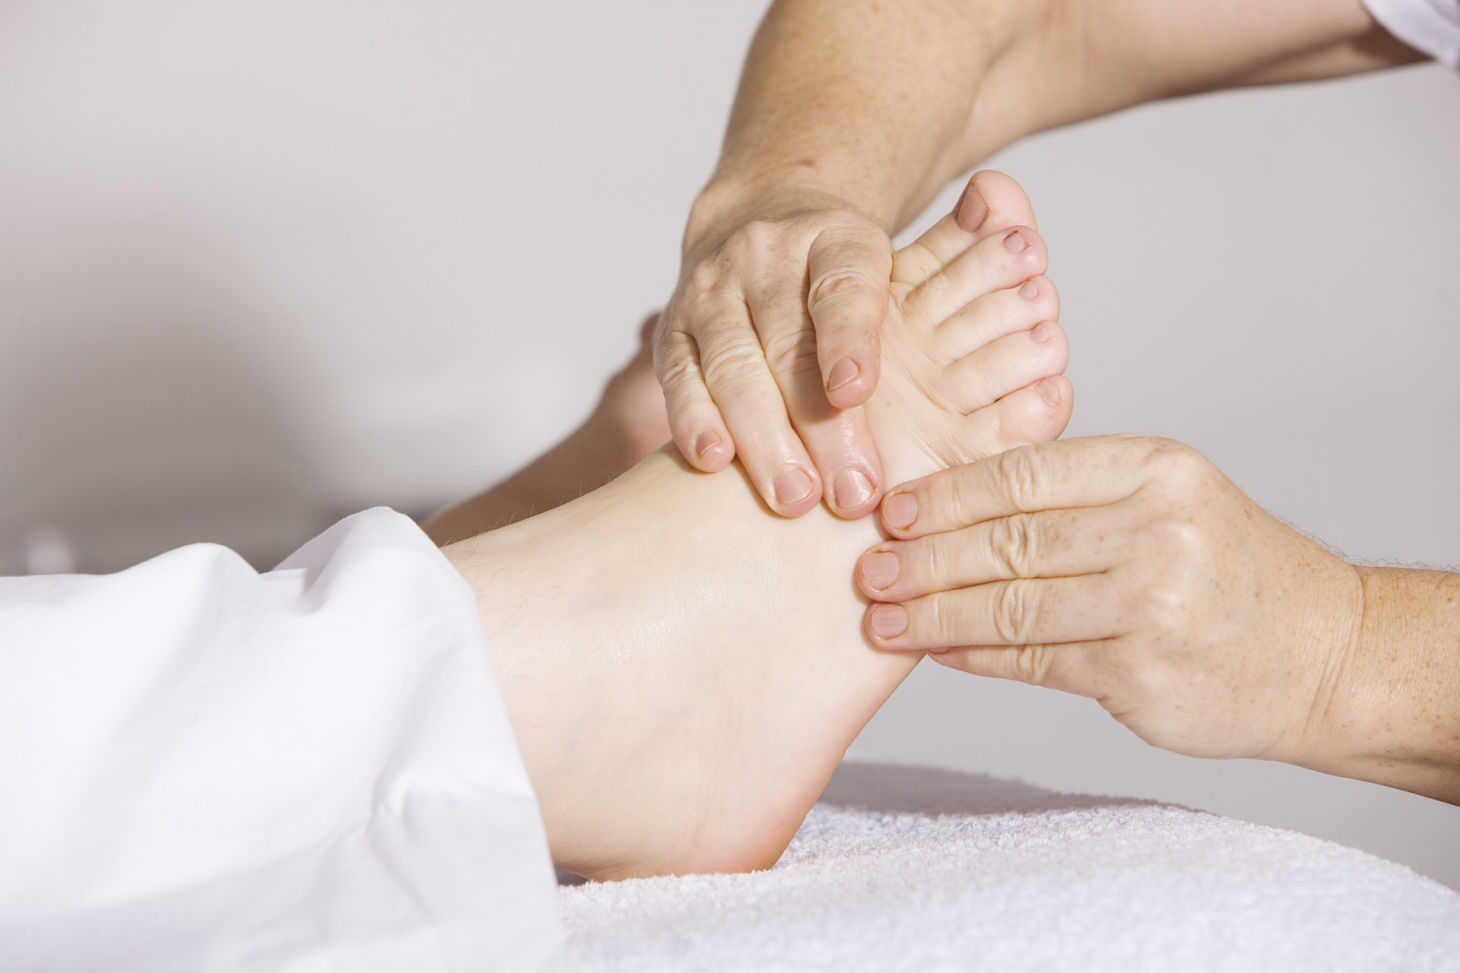 Береги суставы смолоду: как правильно заботиться о суставах - нолтрекс.